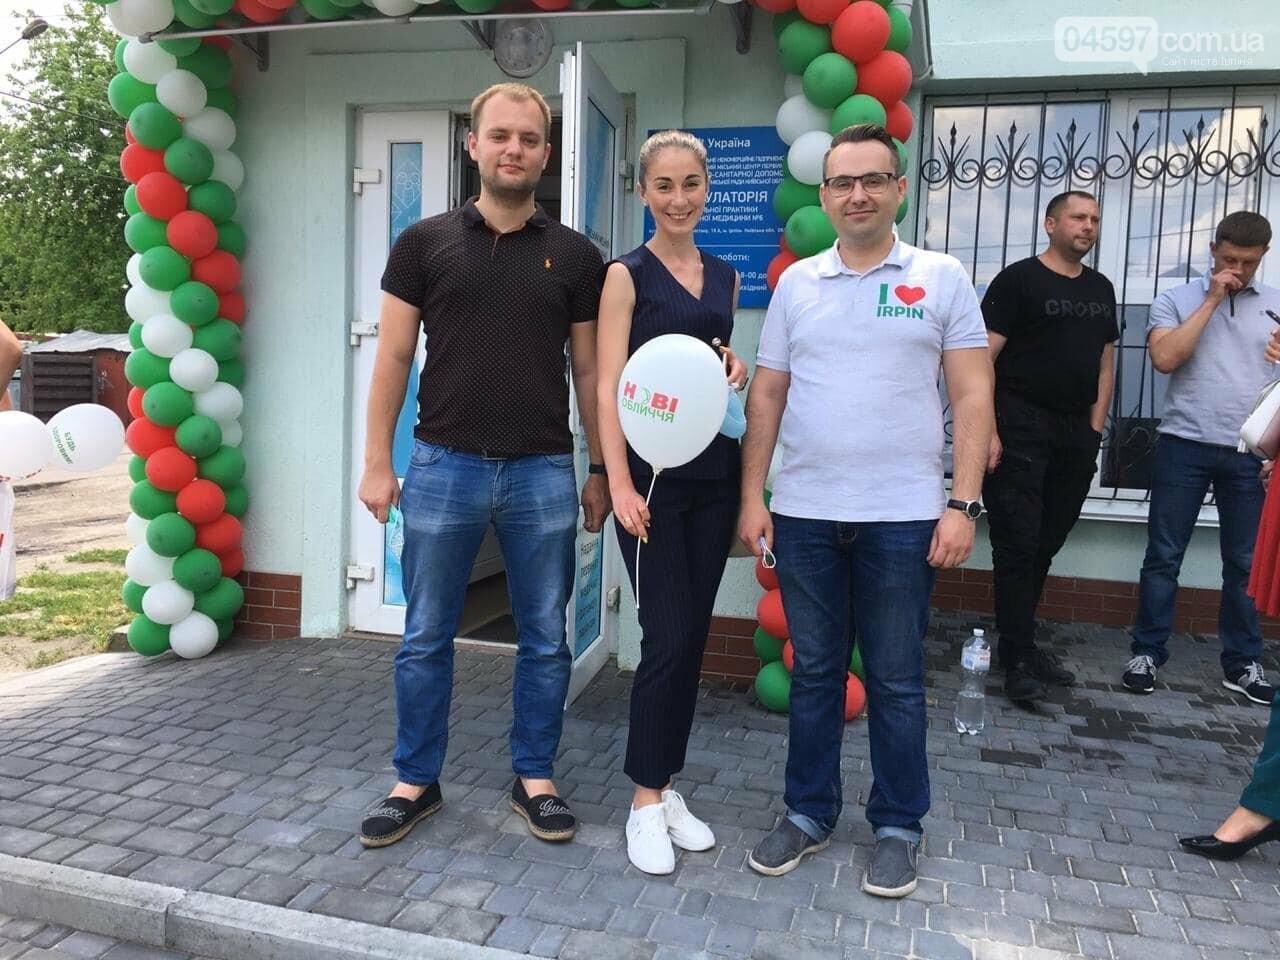 В Ірпені відкрилася нова амбулаторія, фото-6